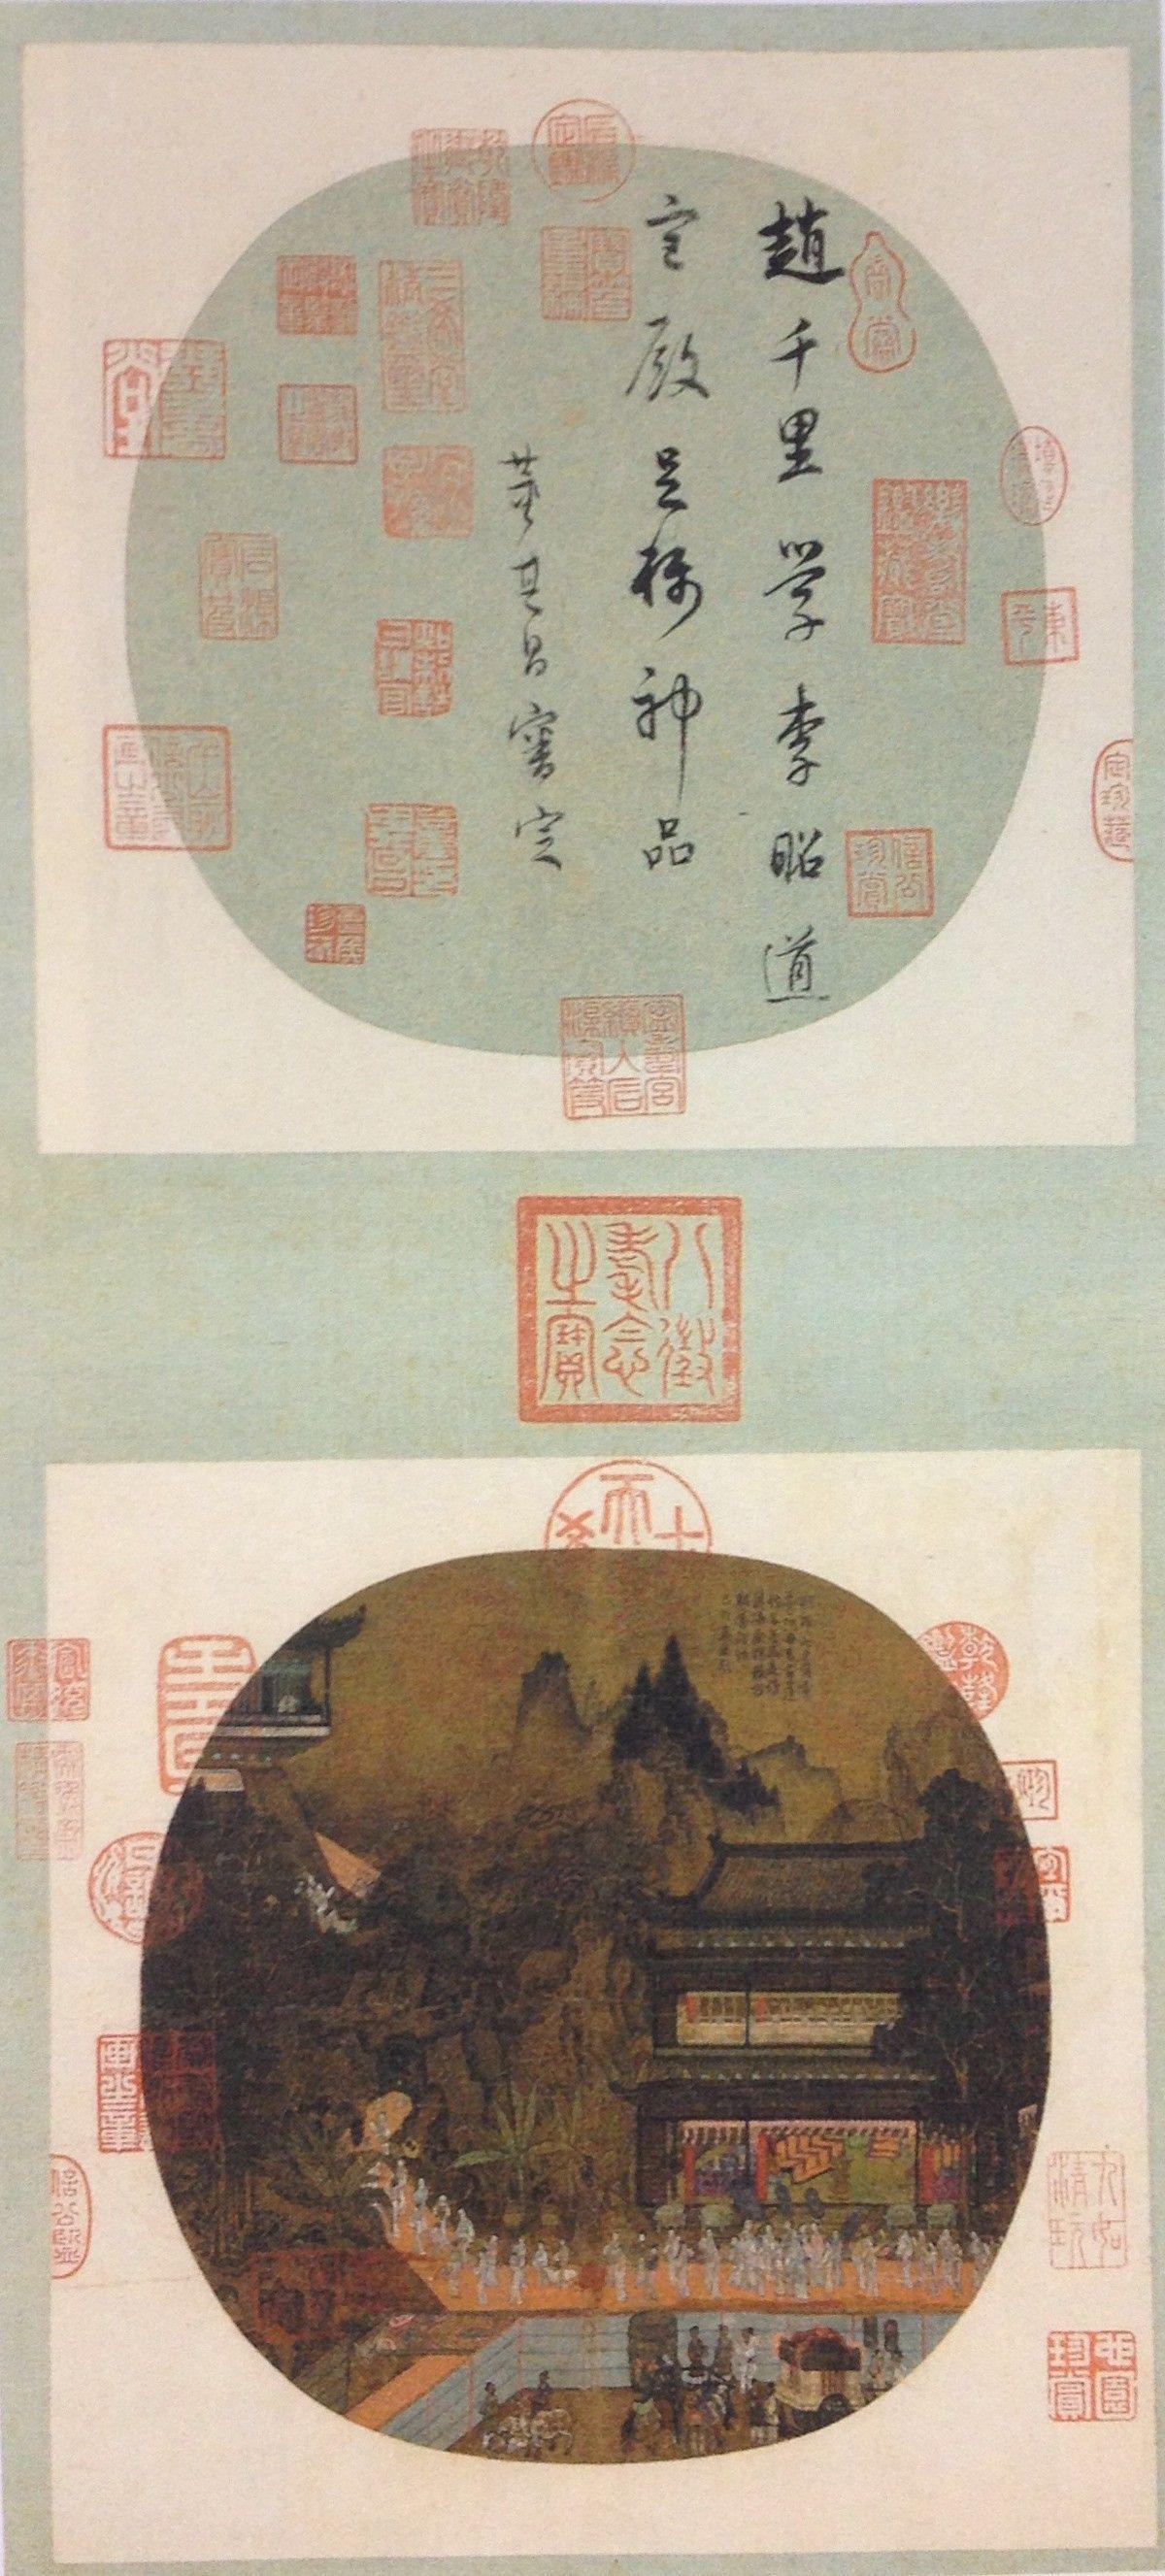 17漢宮圖